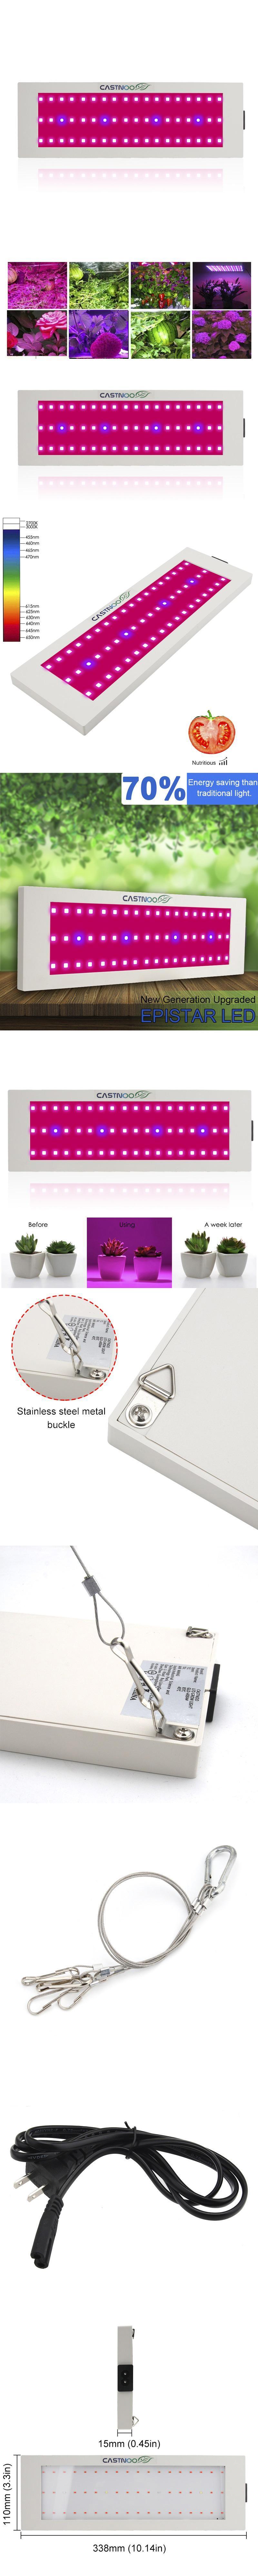 300W 54 LED Grow Light Full Spectrum Indoor Hydro Veg Flower Grow Panel JJ